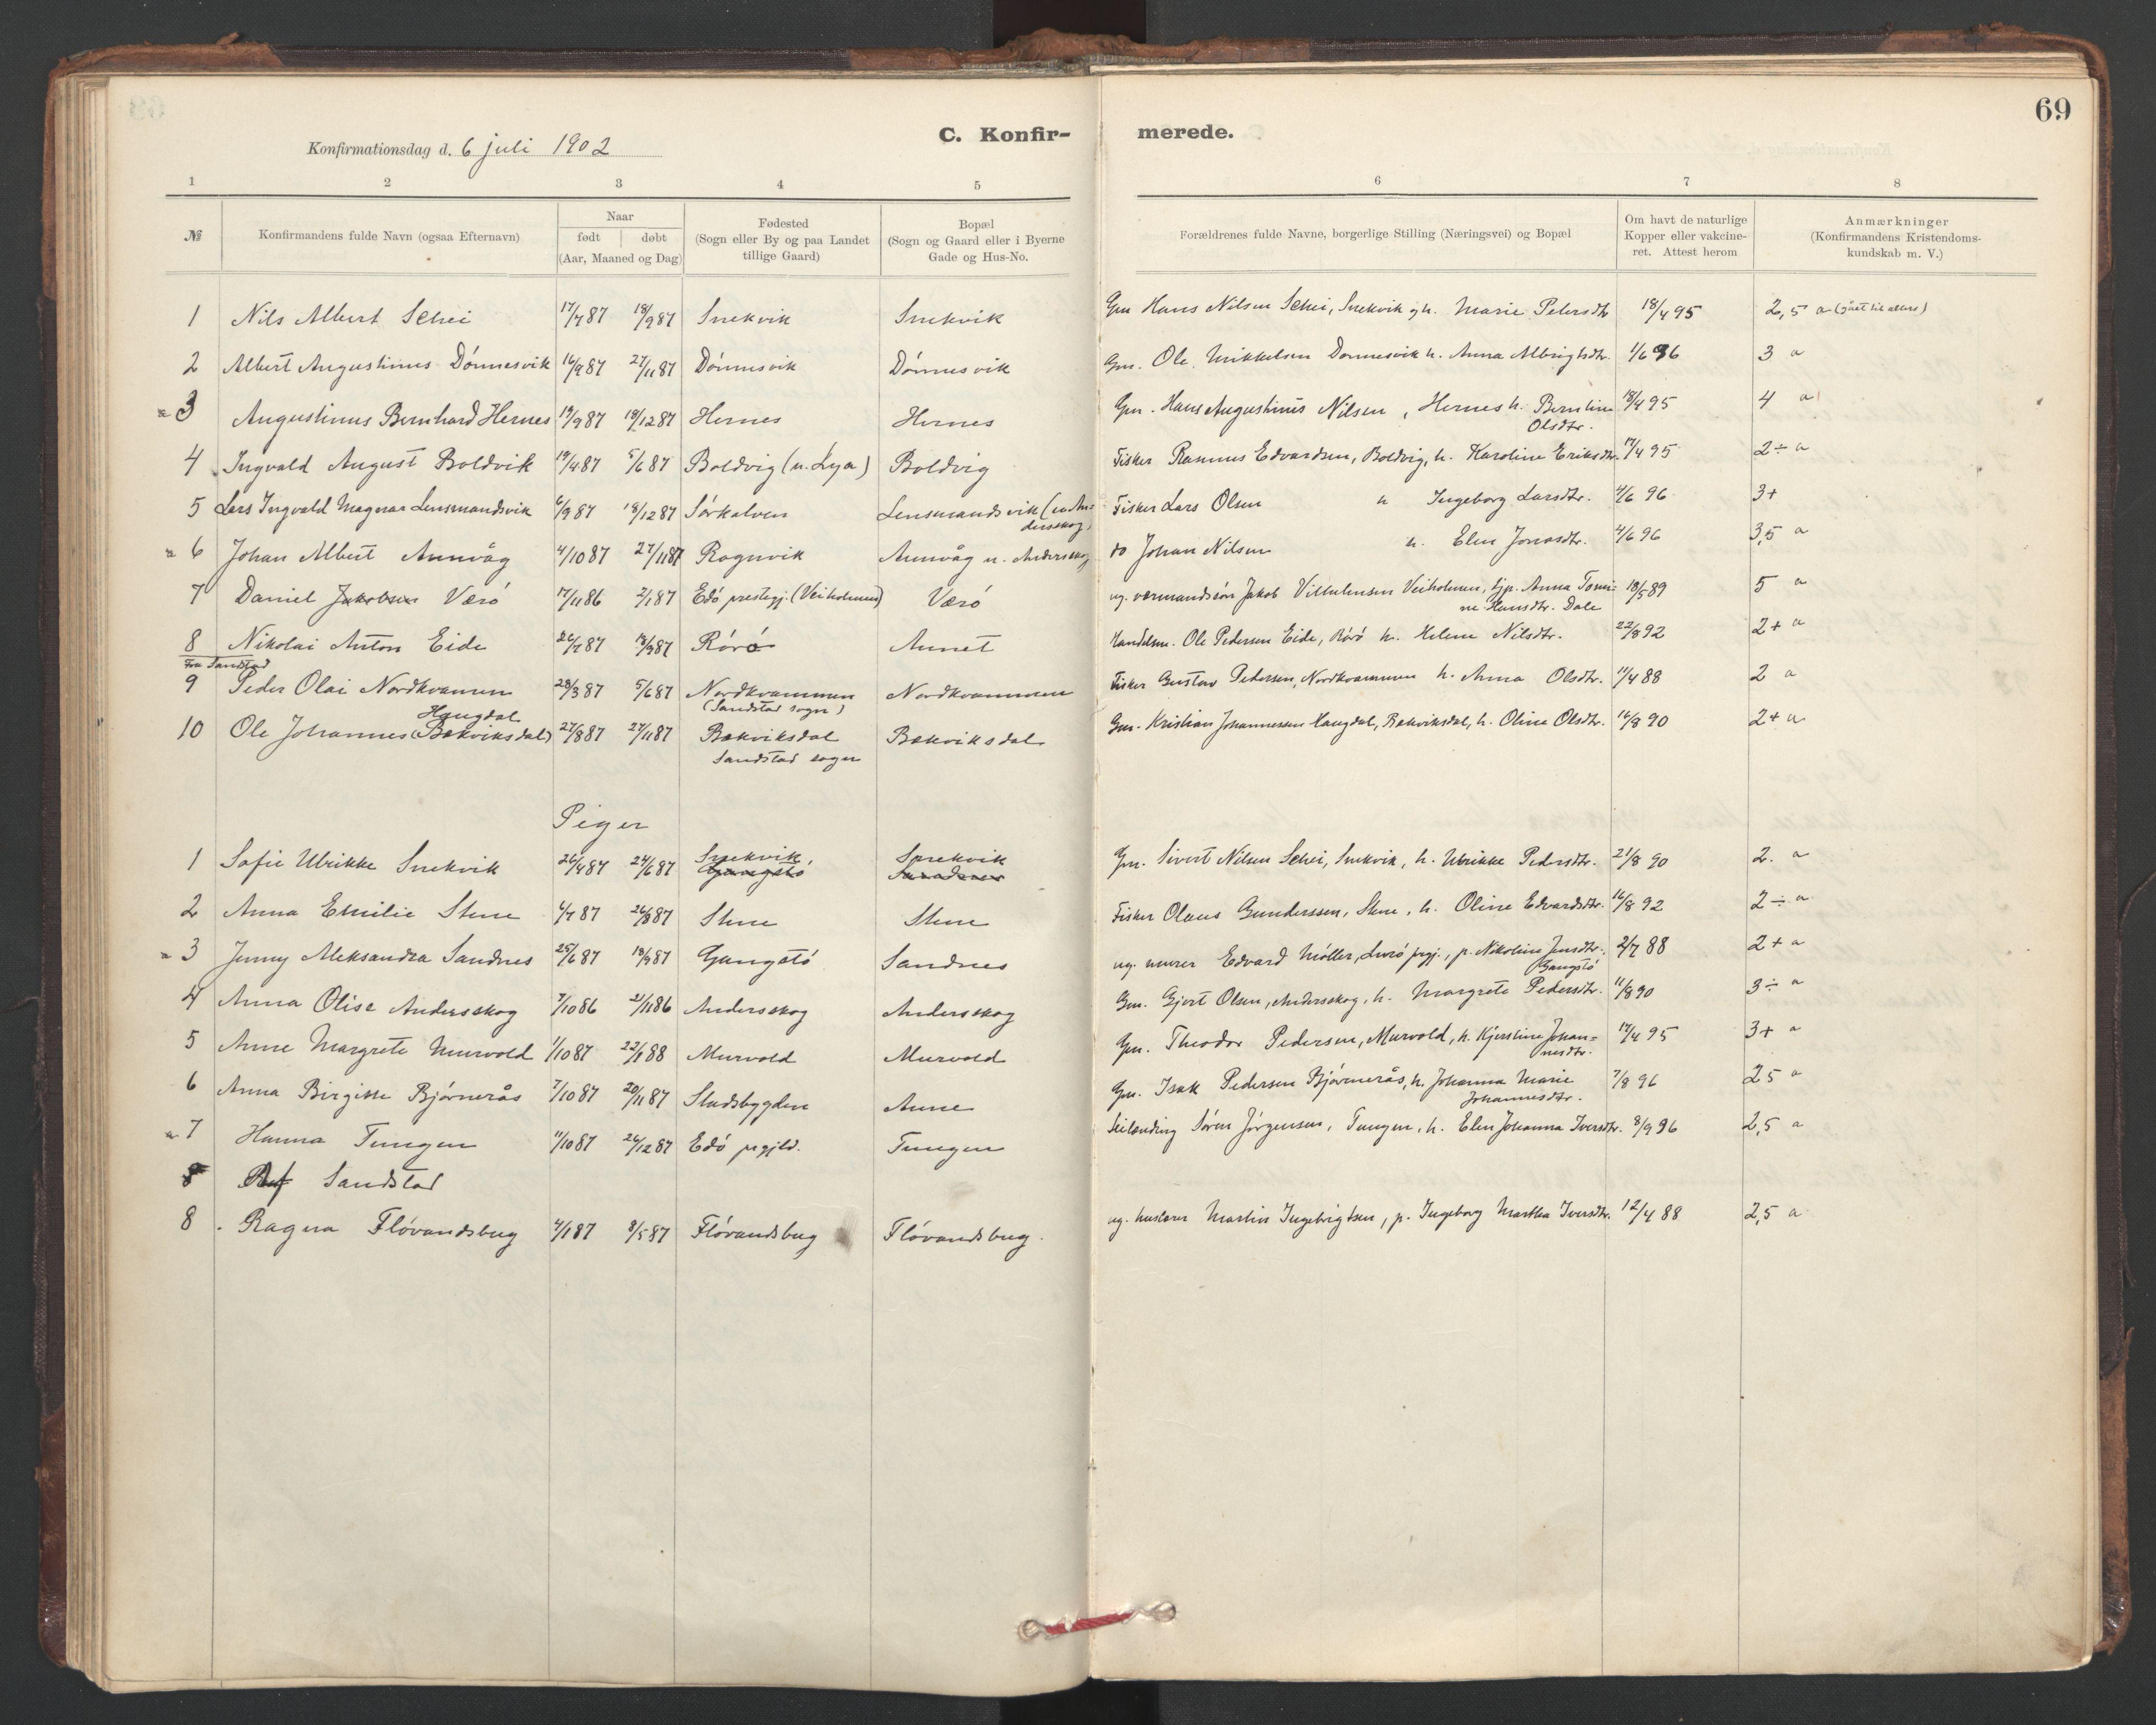 SAT, Ministerialprotokoller, klokkerbøker og fødselsregistre - Sør-Trøndelag, 635/L0552: Ministerialbok nr. 635A02, 1899-1919, s. 69